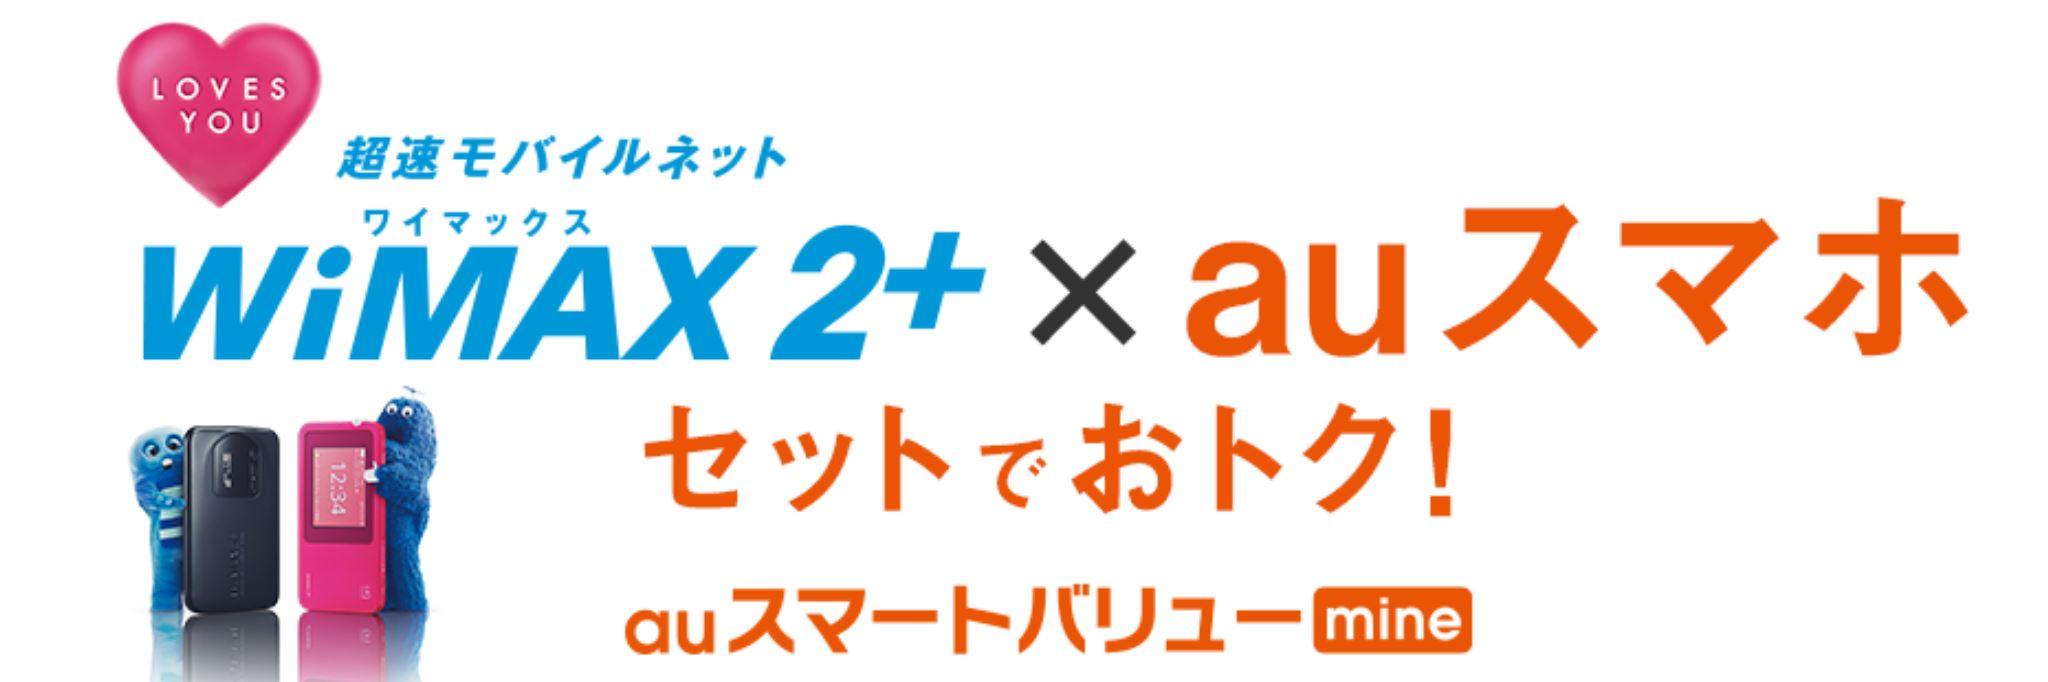 WIMAXとauスマホ契約で最大1,000円割引可能なauスマートバリューmine